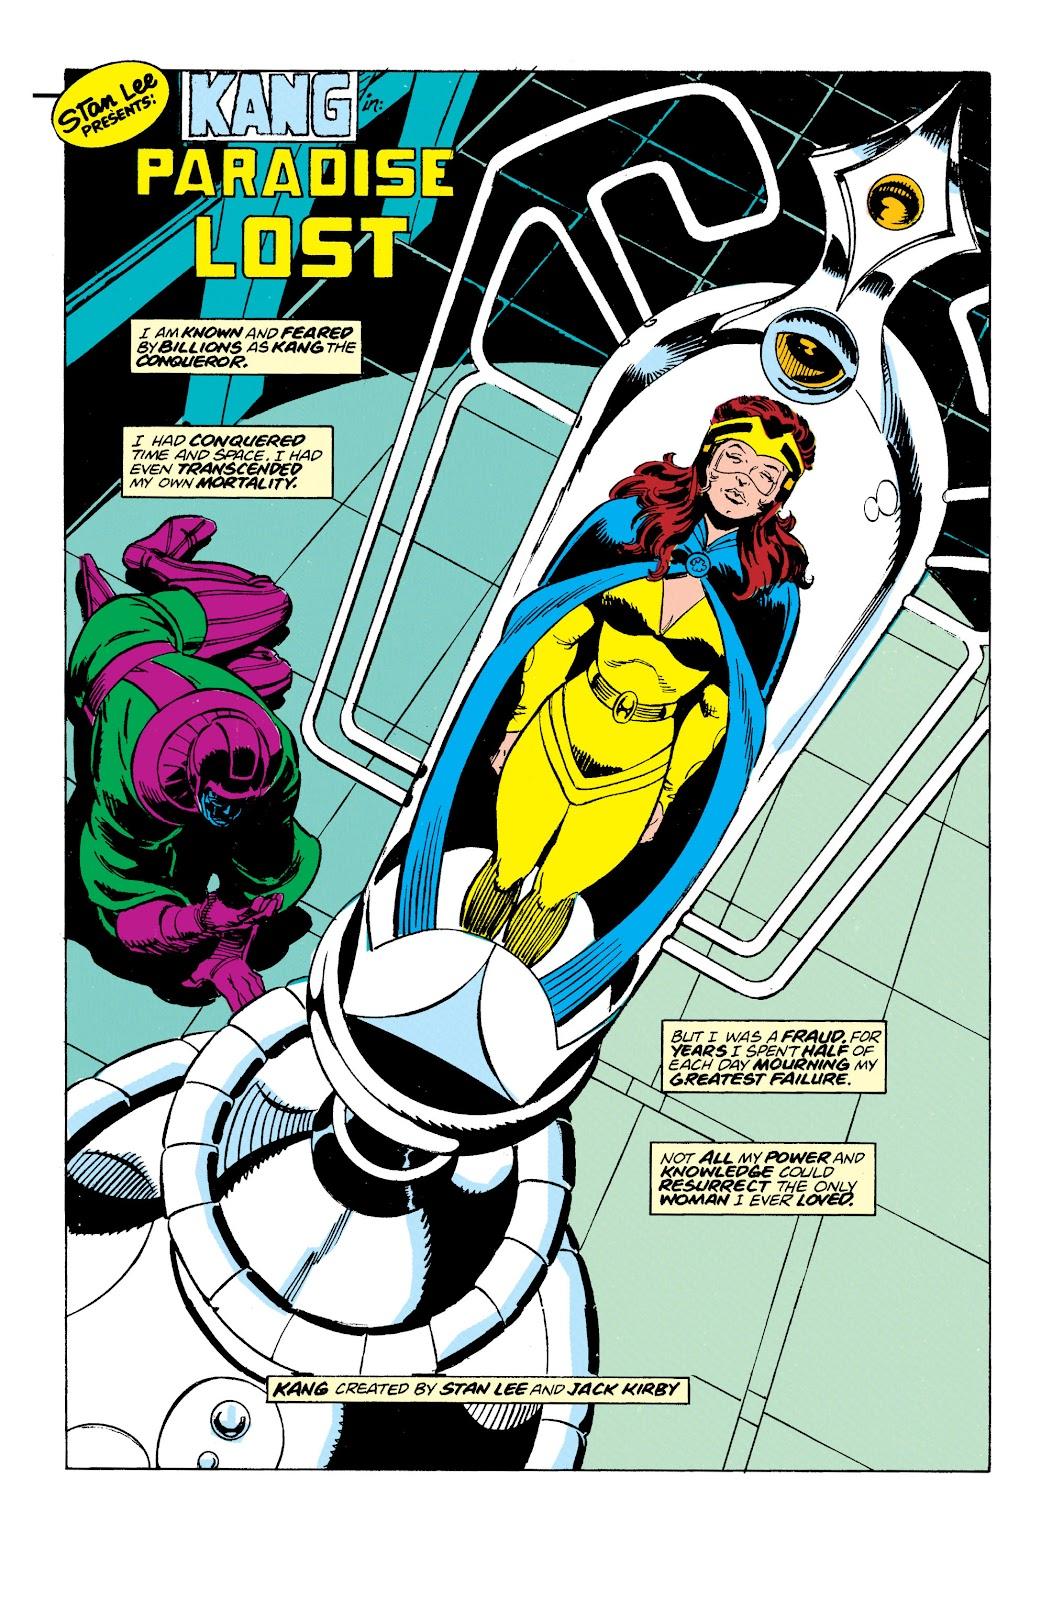 Read online Avengers: Citizen Kang comic -  Issue # TPB (Part 2) - 3